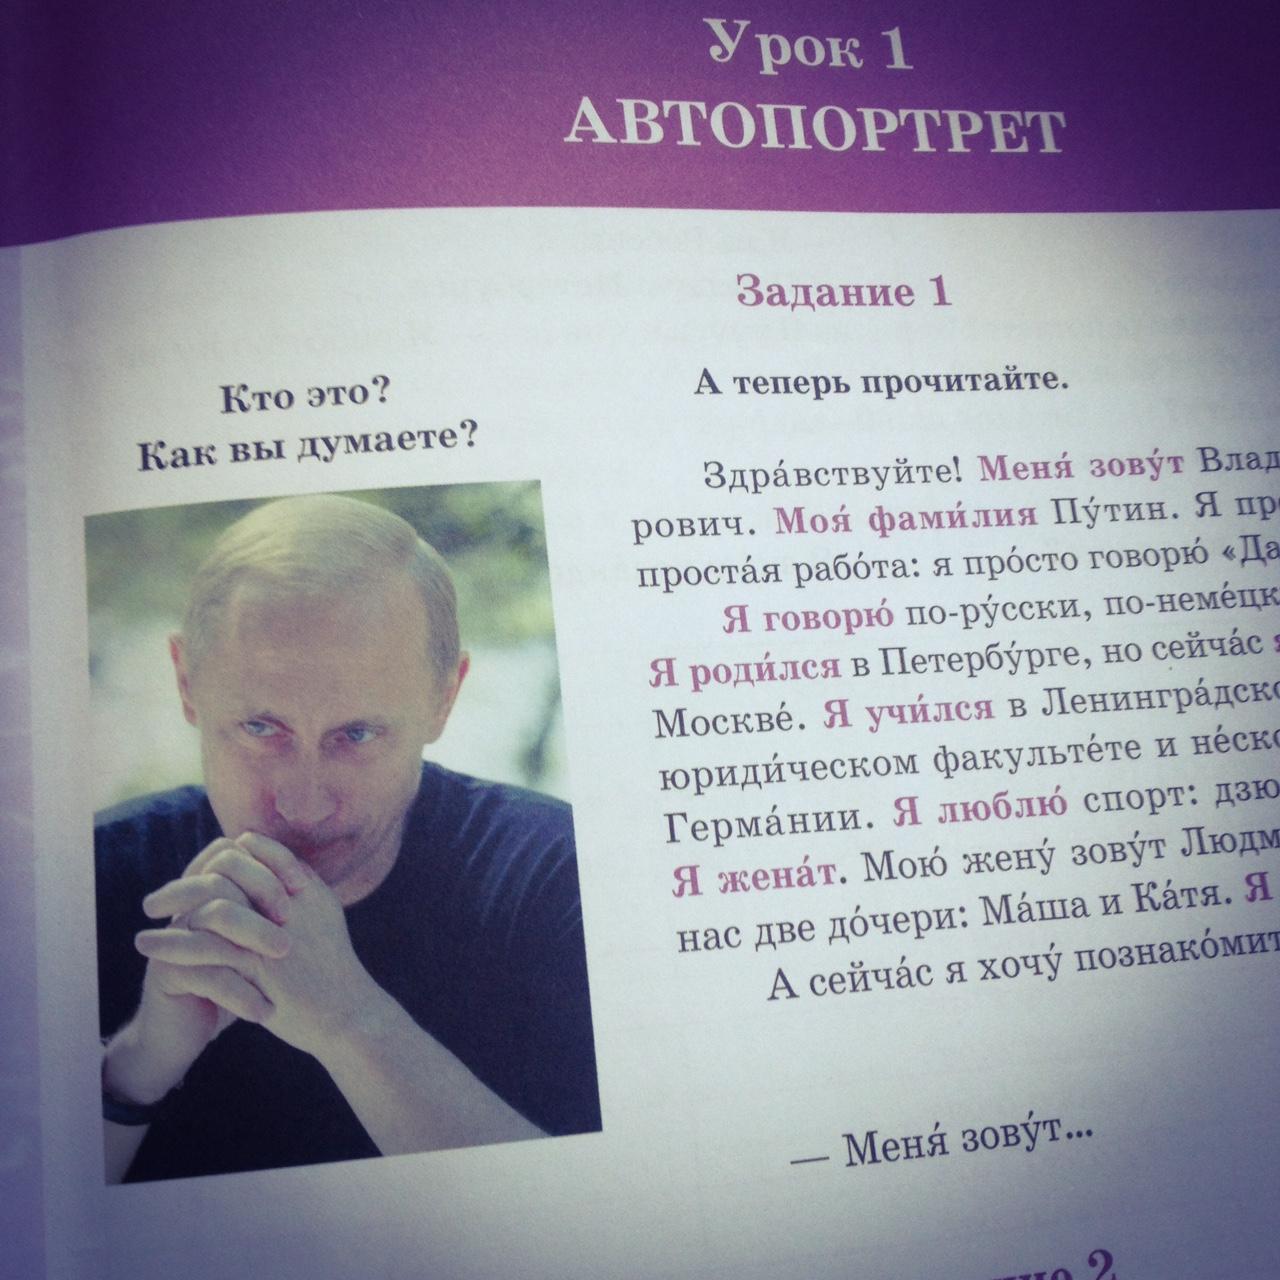 Putin der Woche